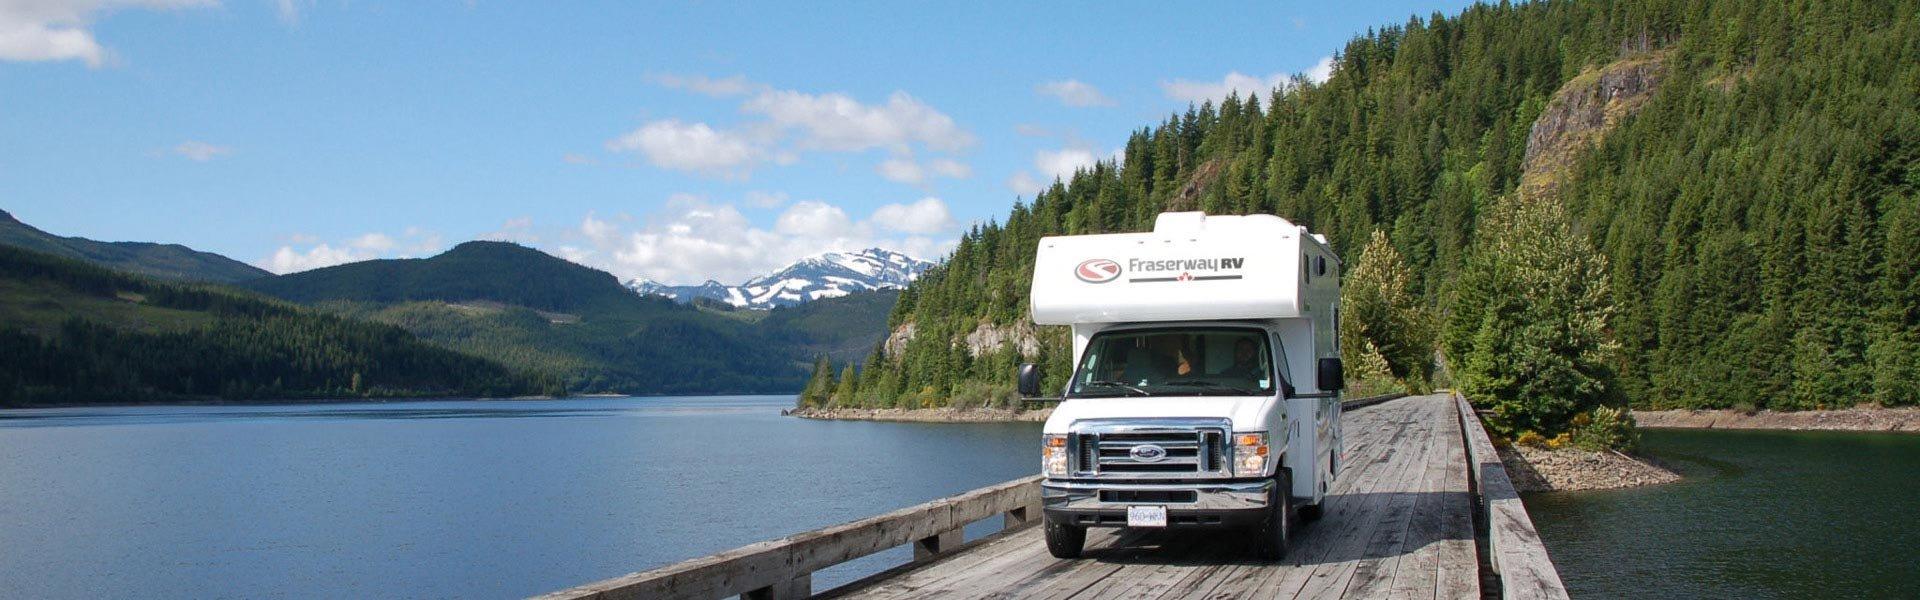 Maak een unieke camperreis met een camper van Fraserway